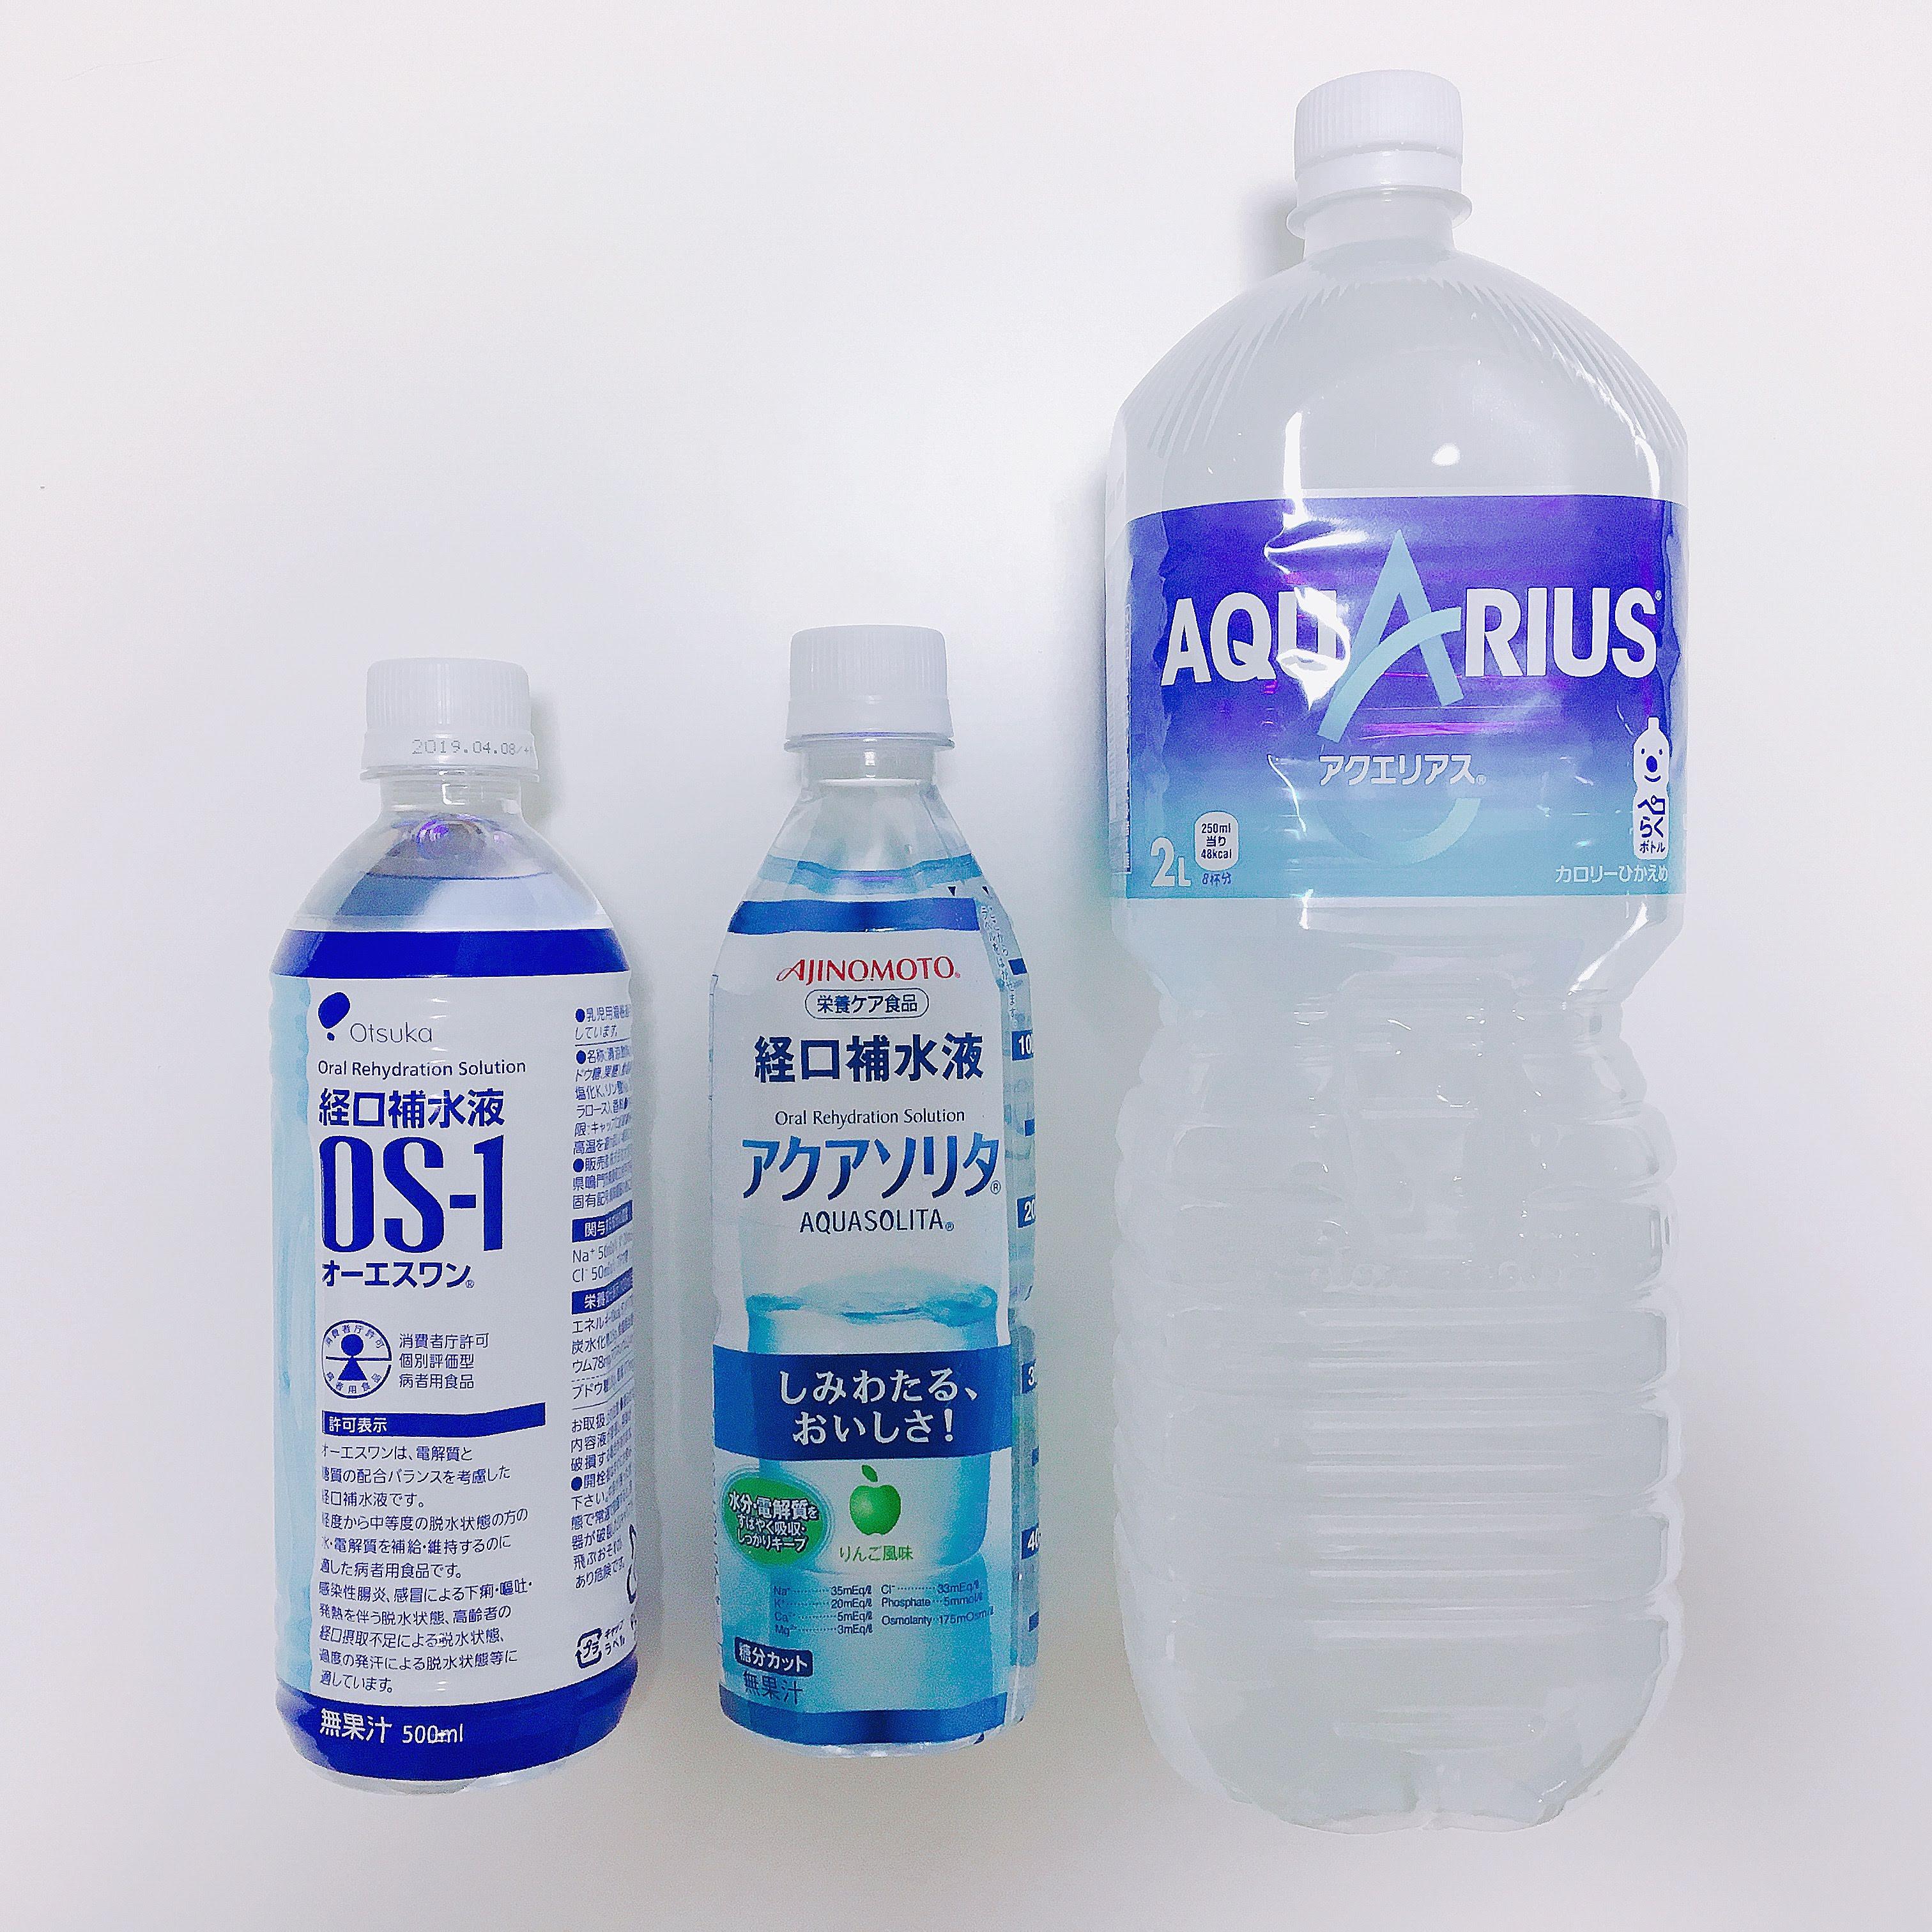 経口補水液スポーツドリンクアクエリアス